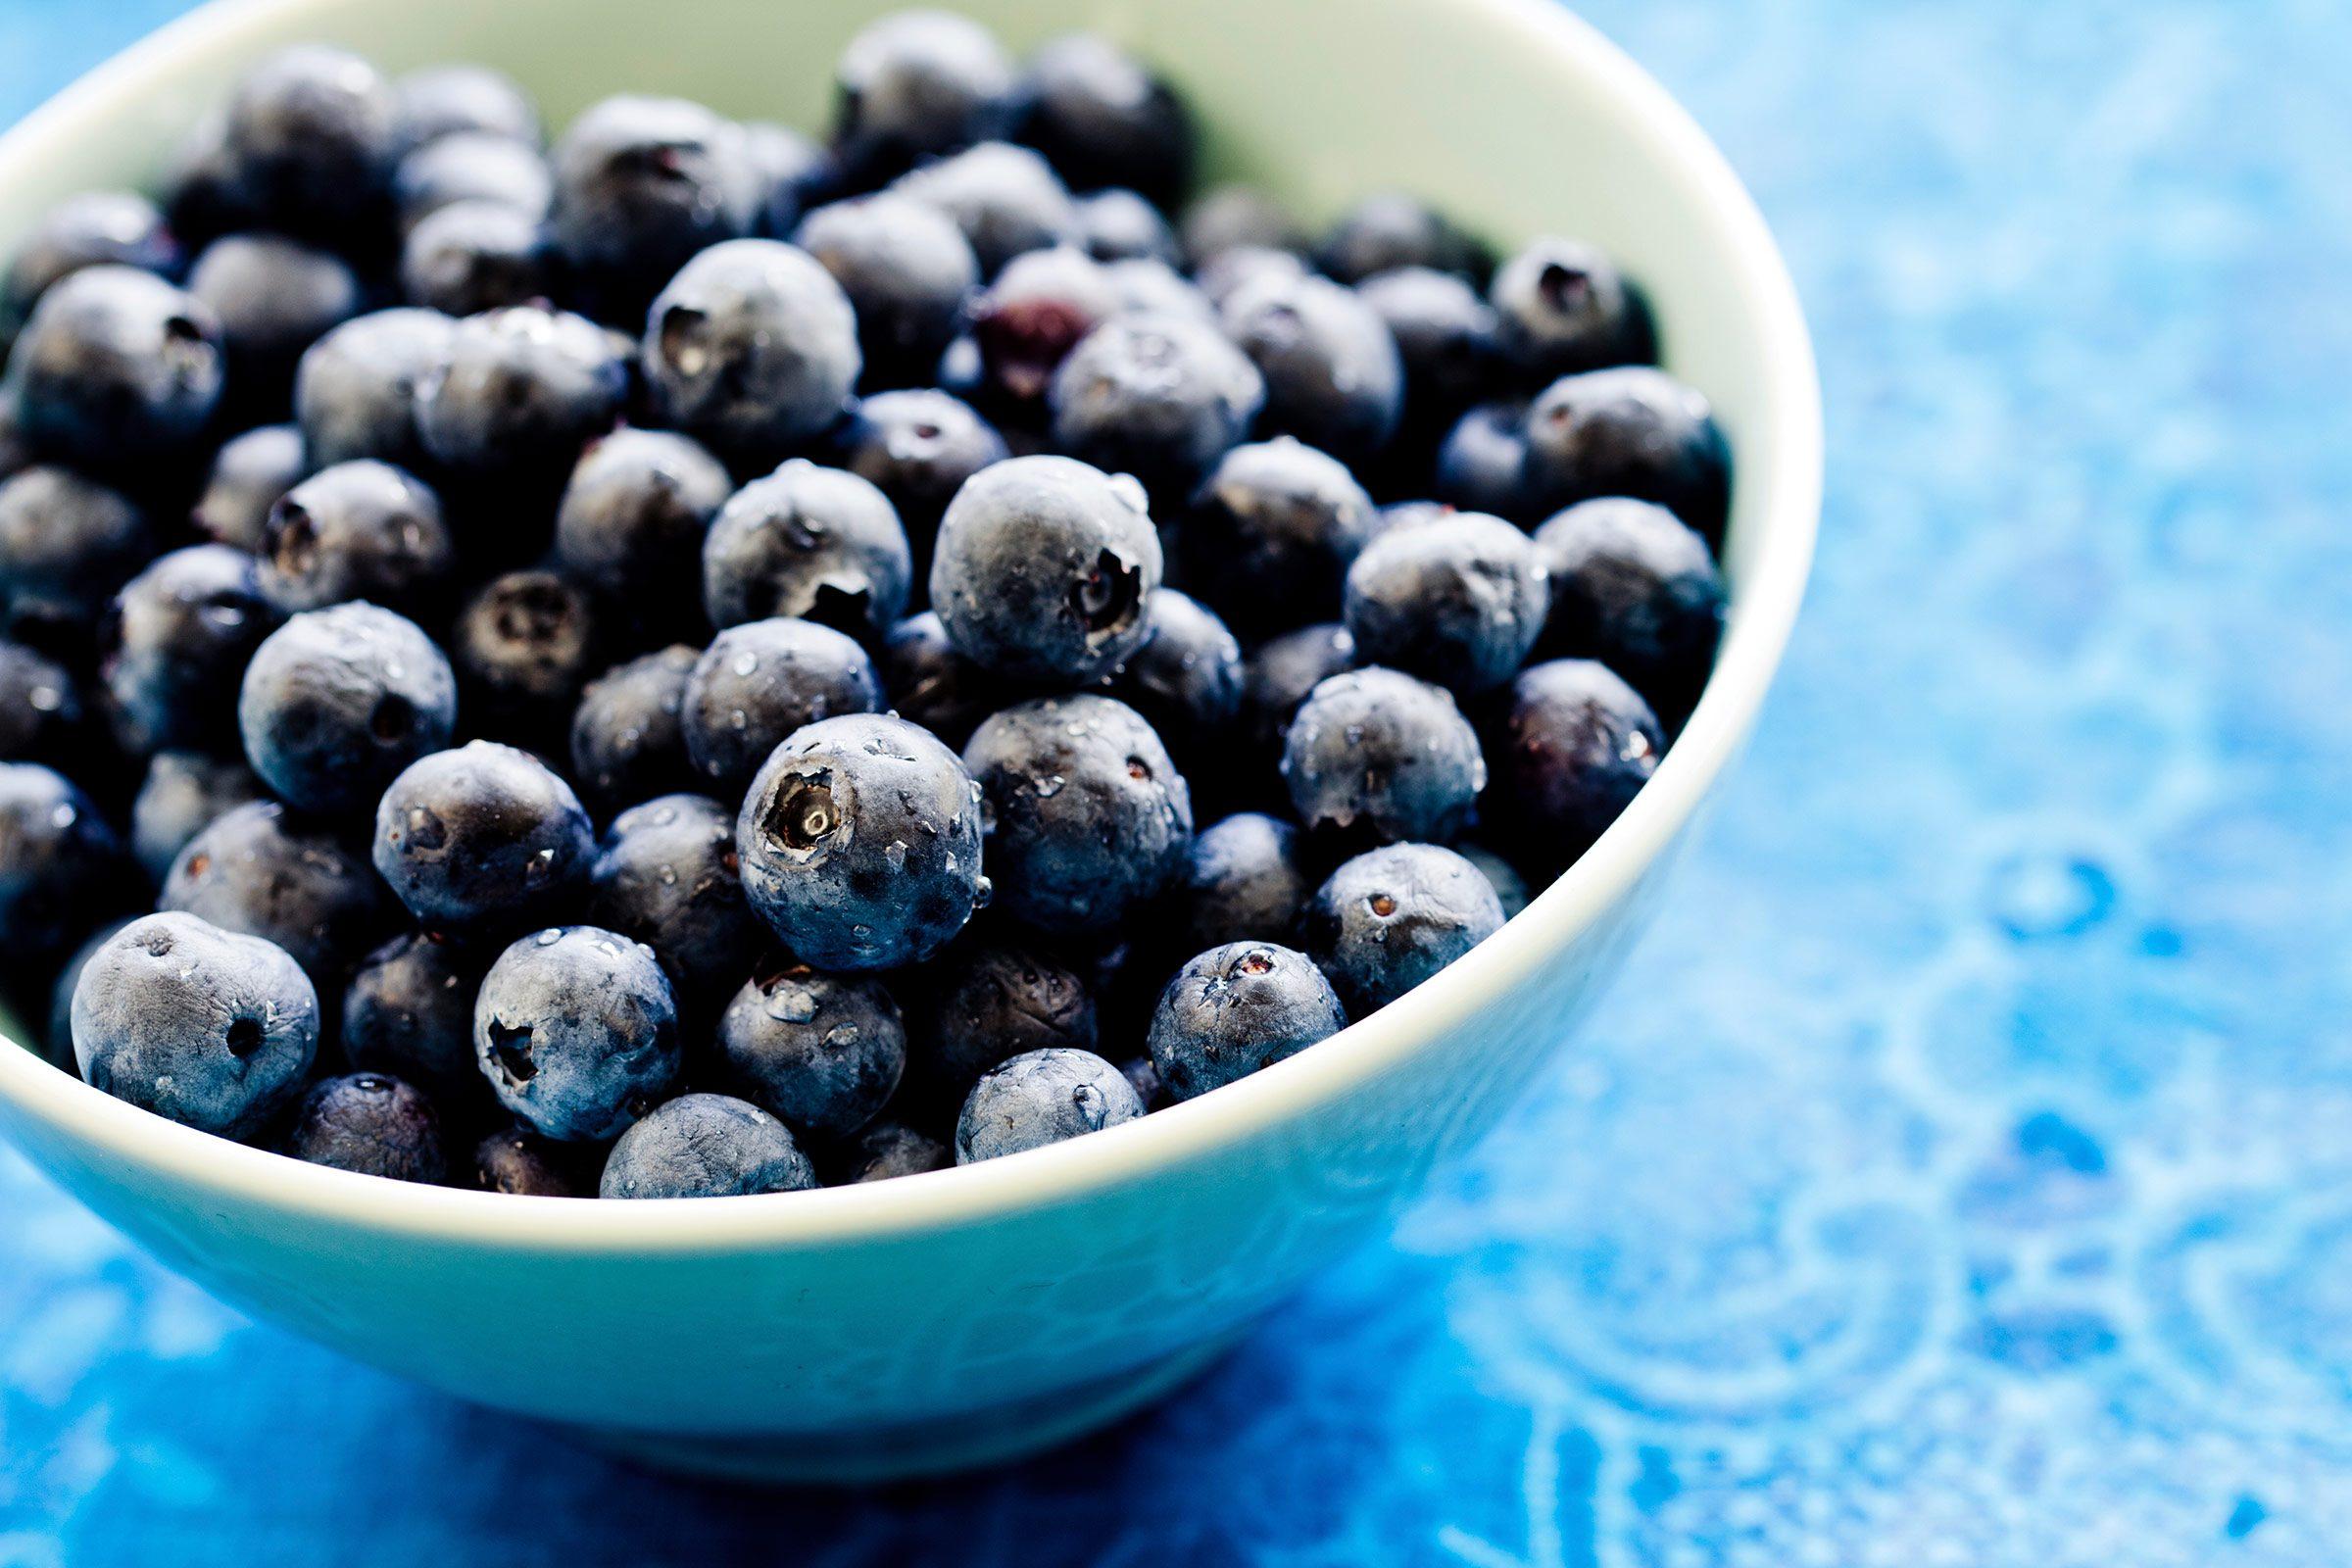 6. Strawberries or blueberries?